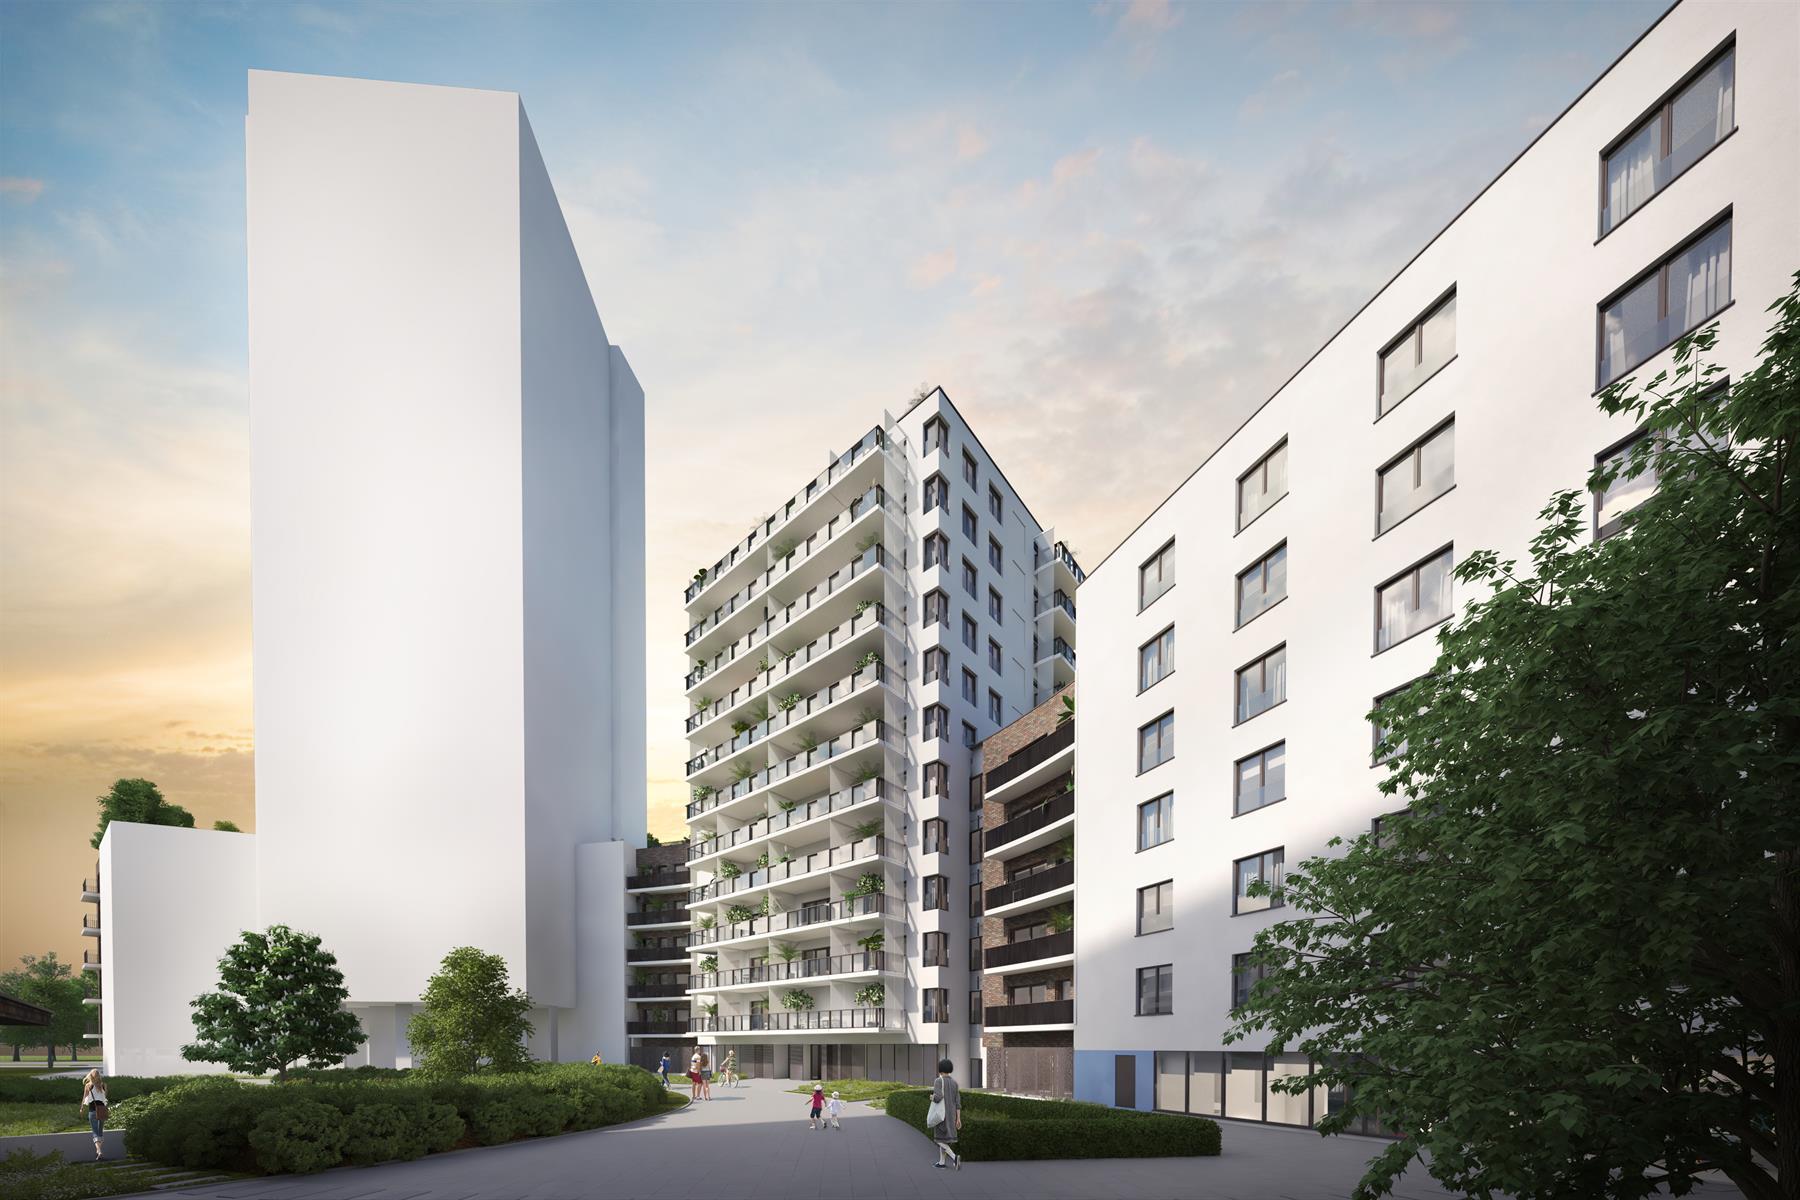 Flat - Ixelles - #4360949-0